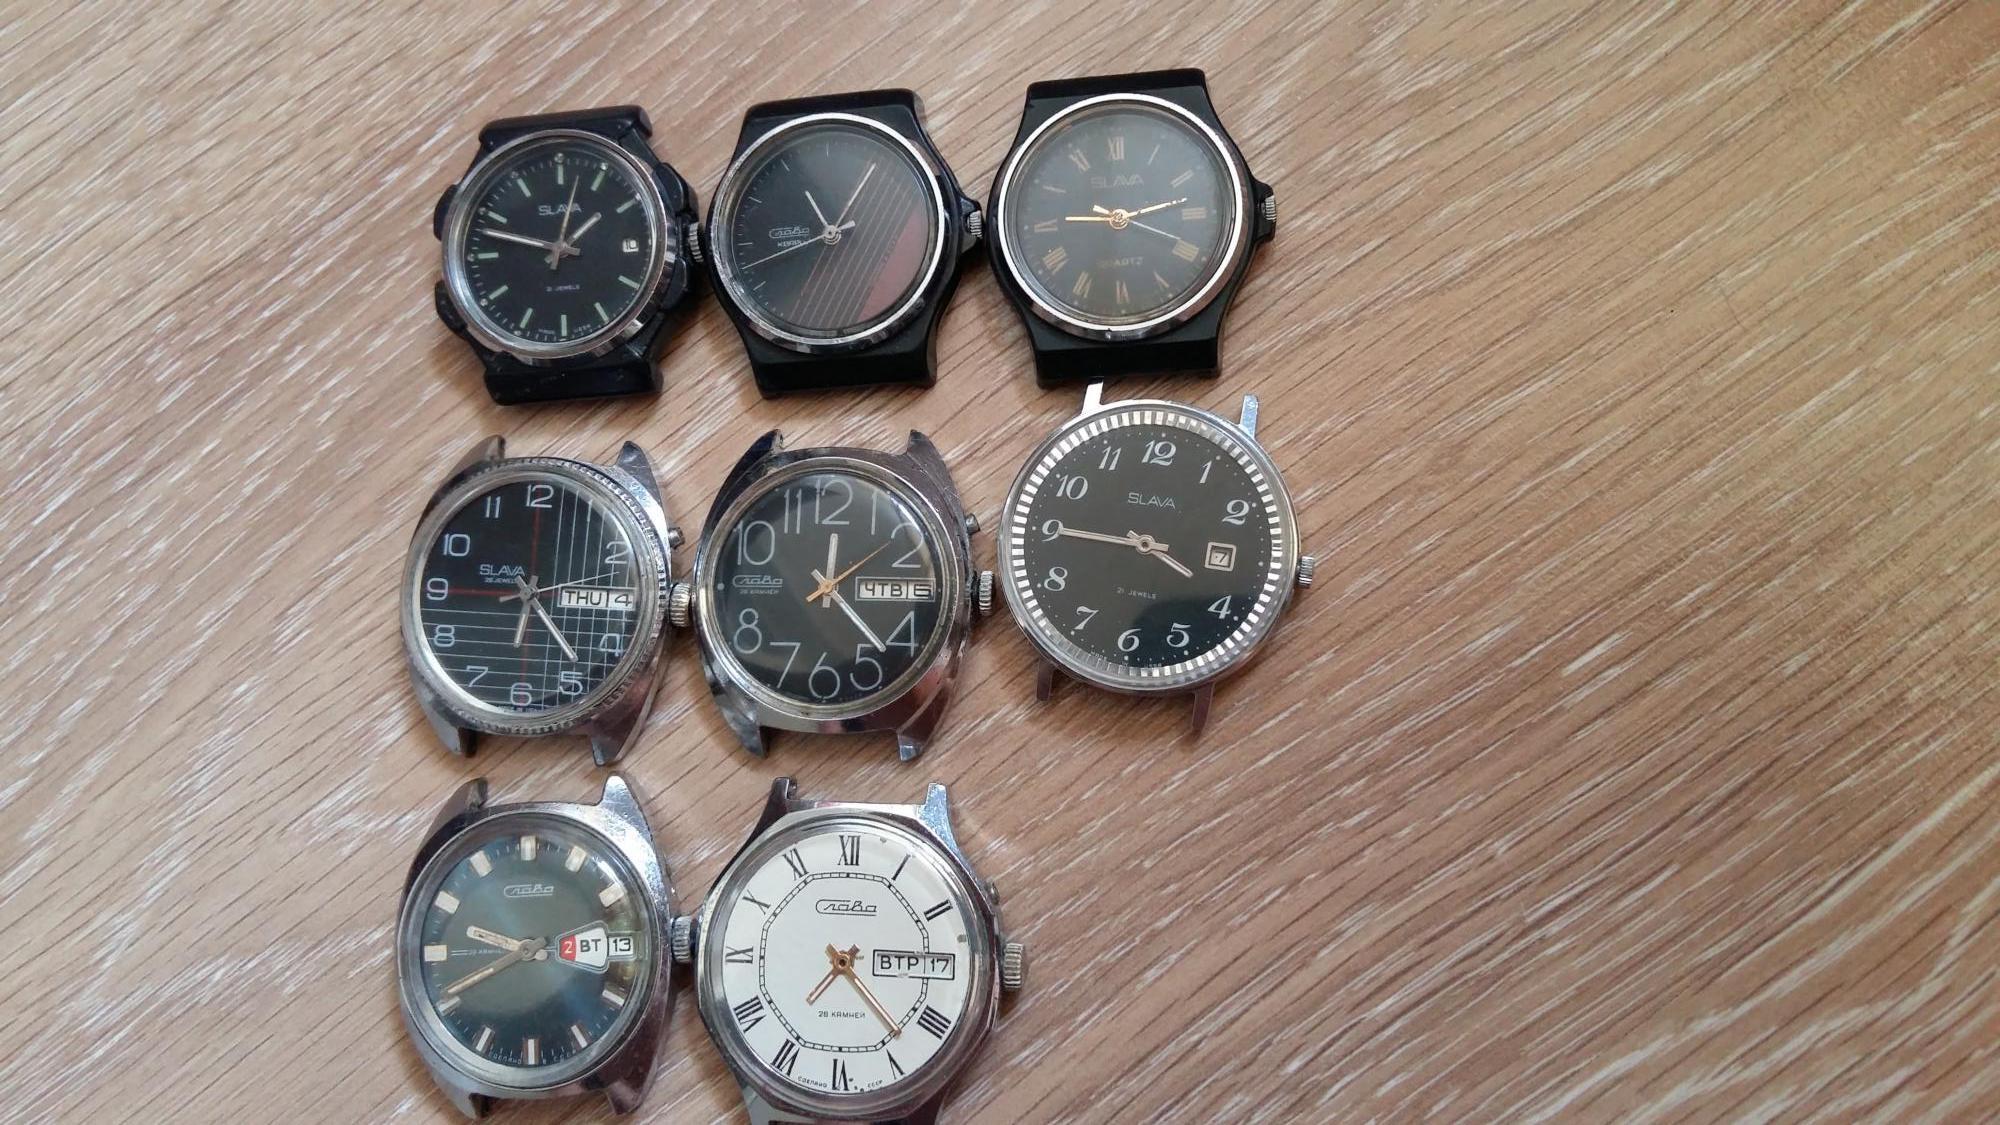 Slava скупка часов часы чистополь продать